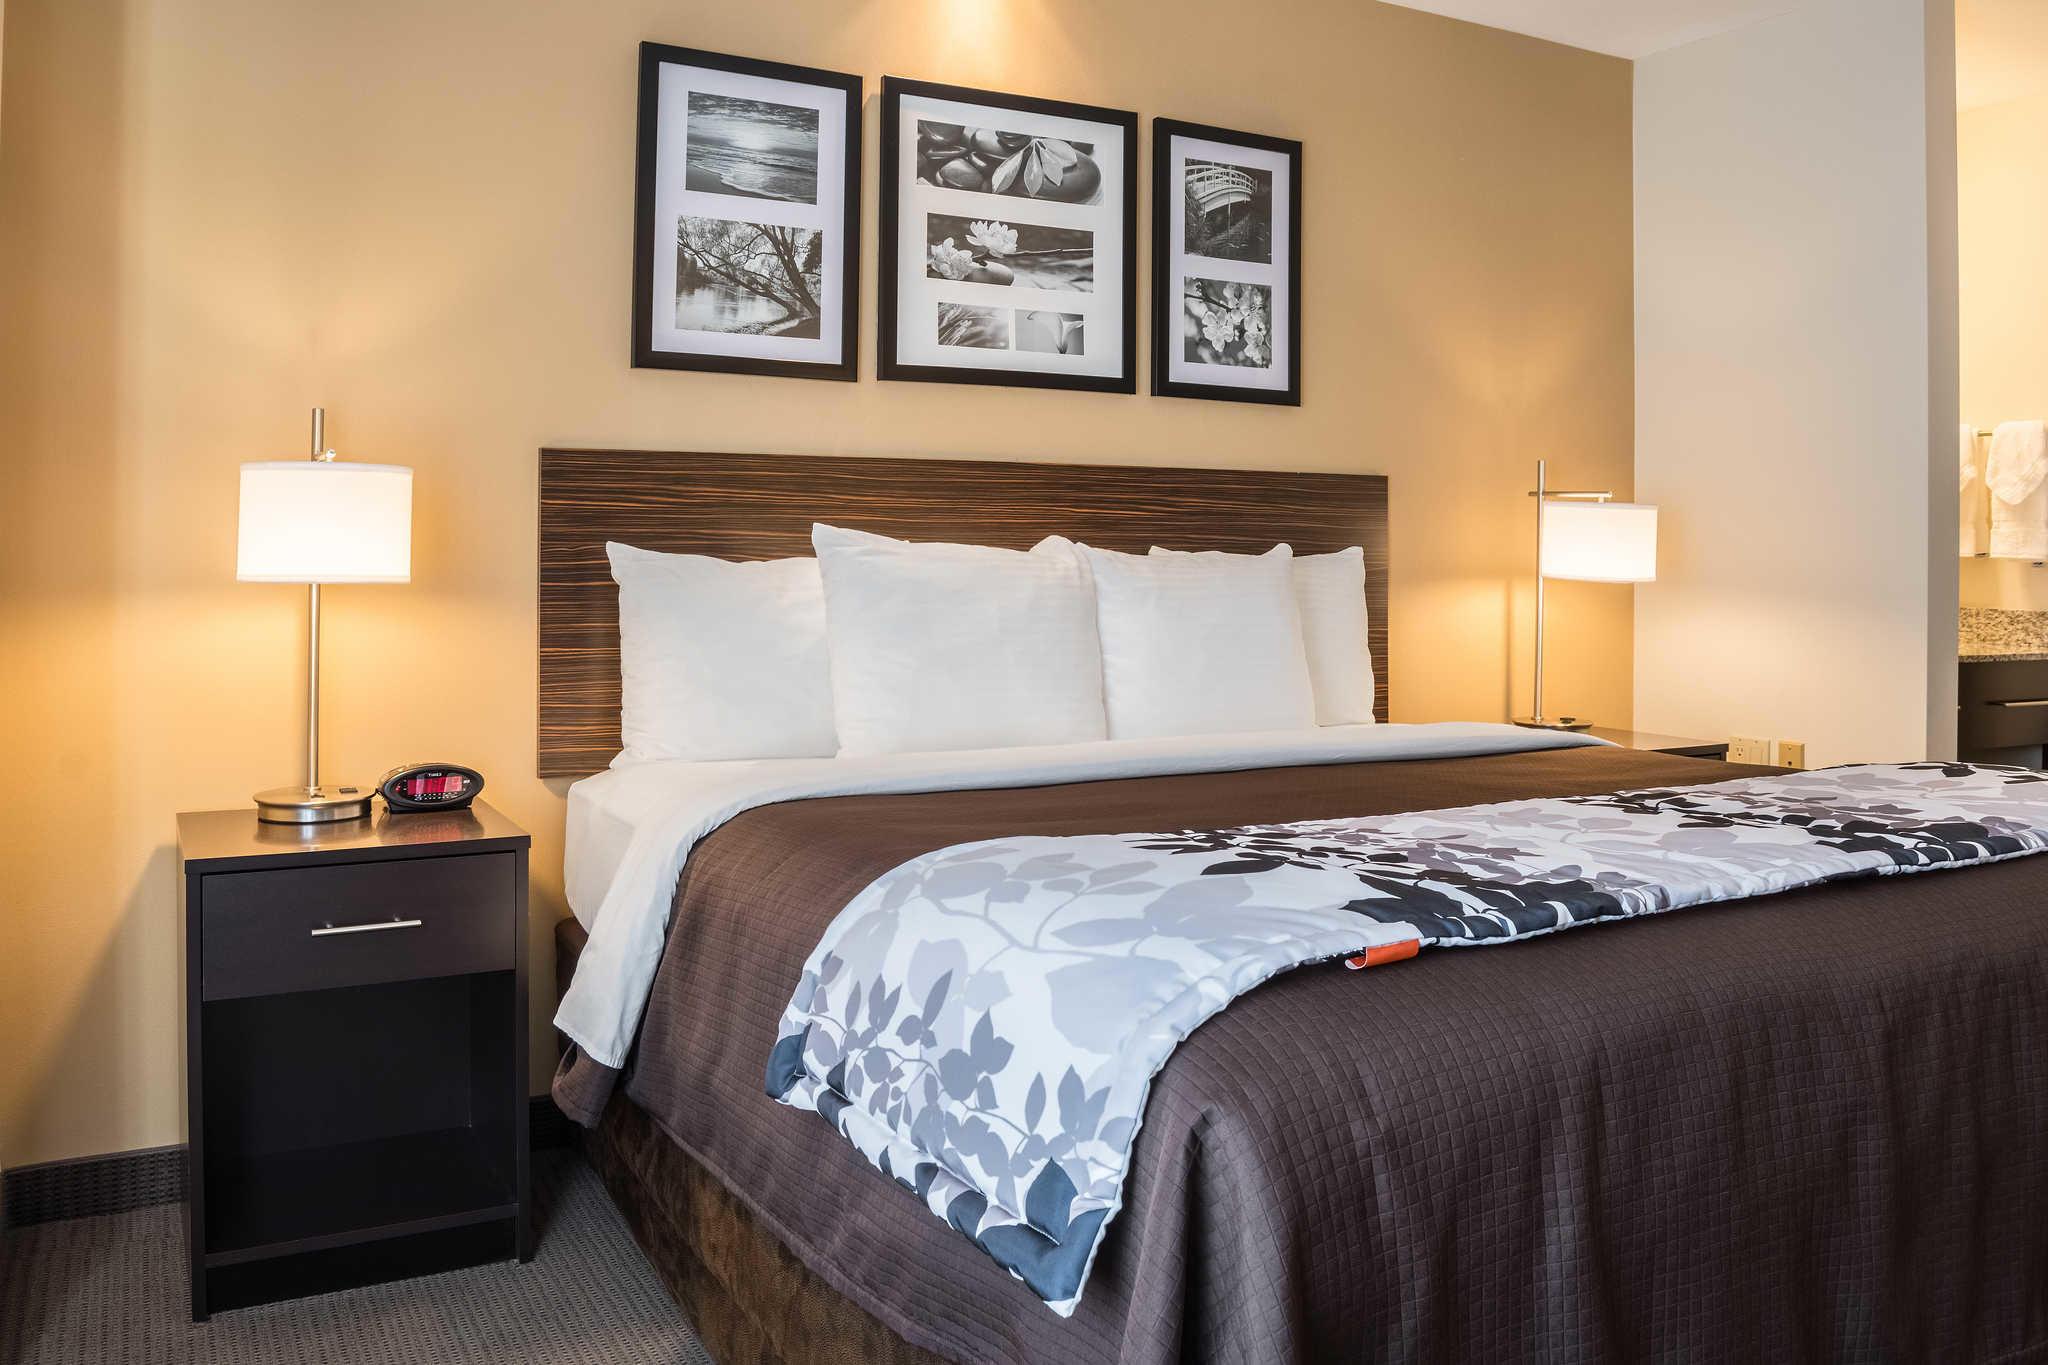 Sleep Inn image 8